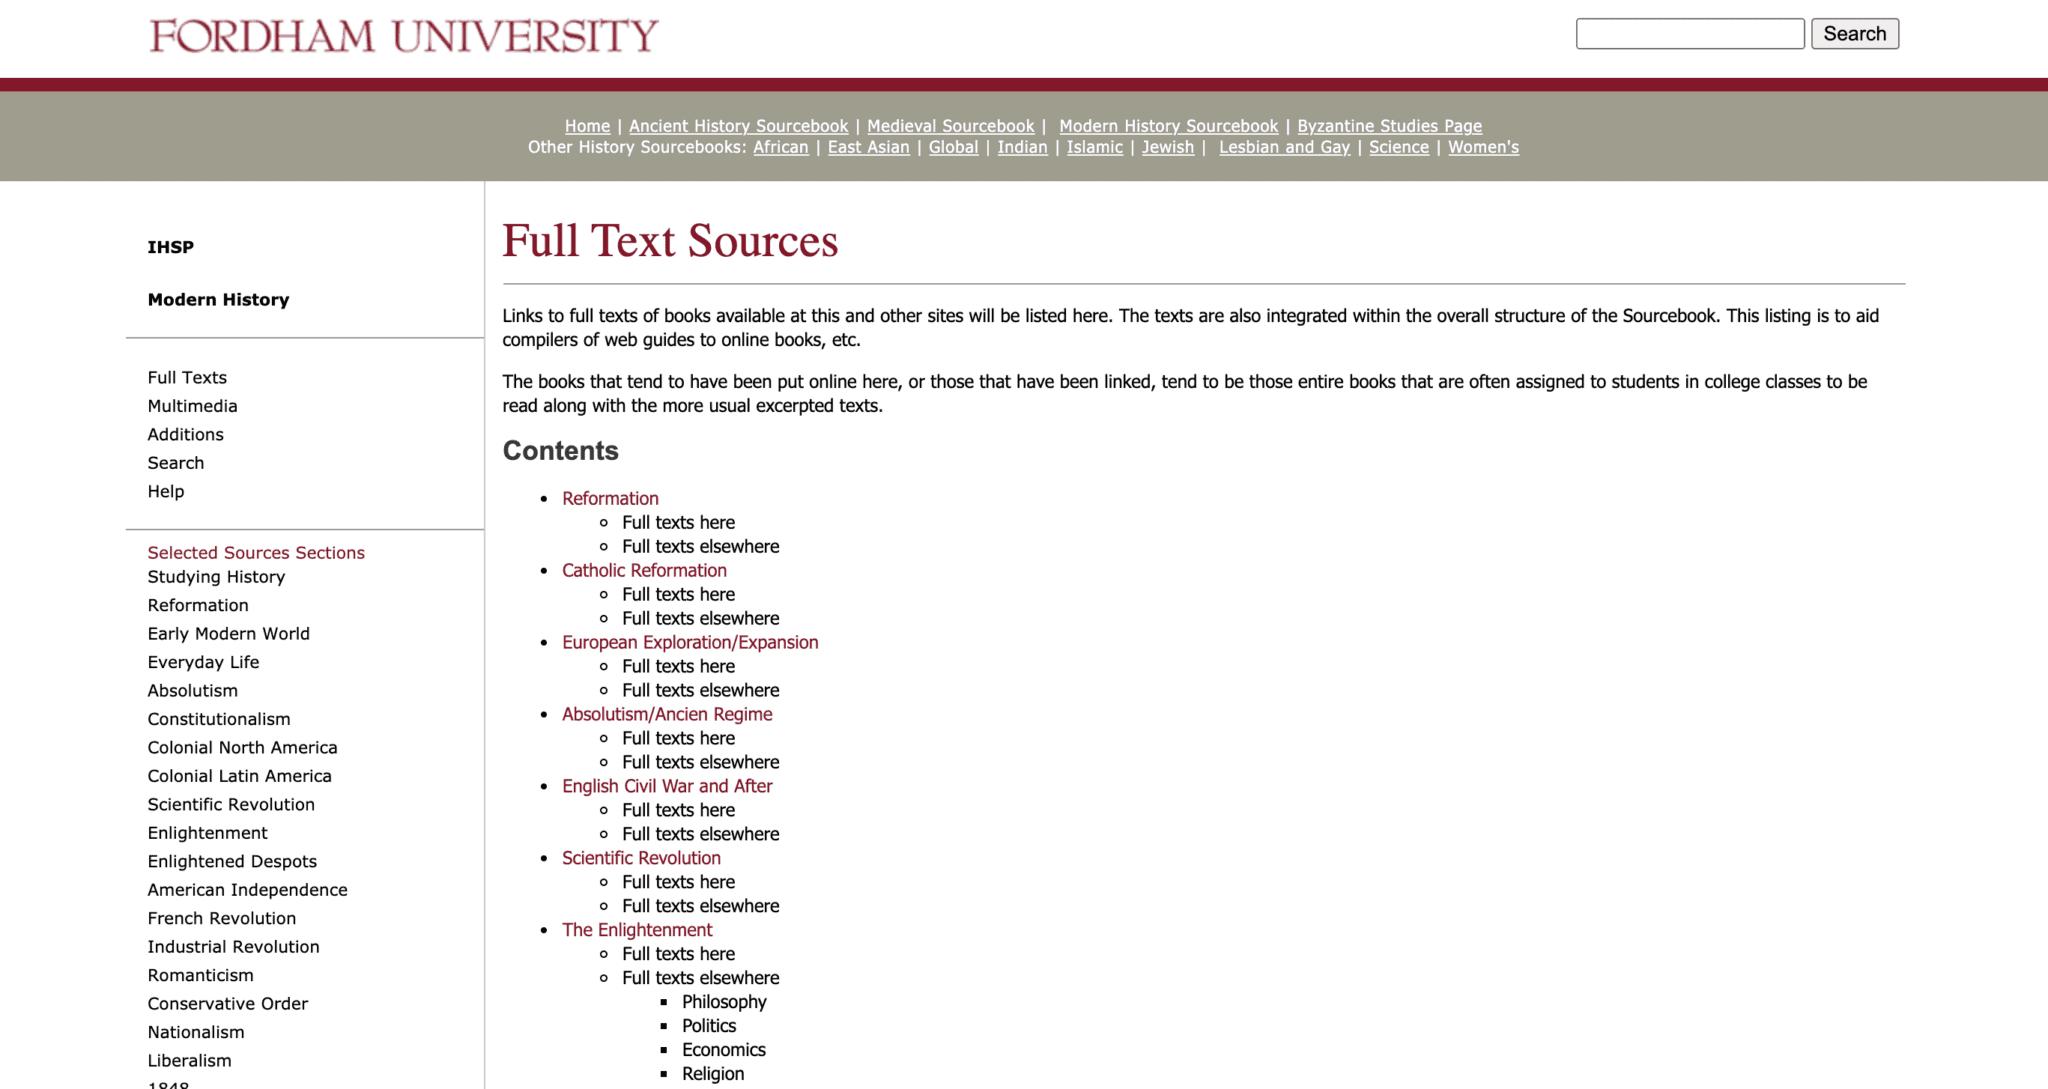 Fordham University Primary Sources